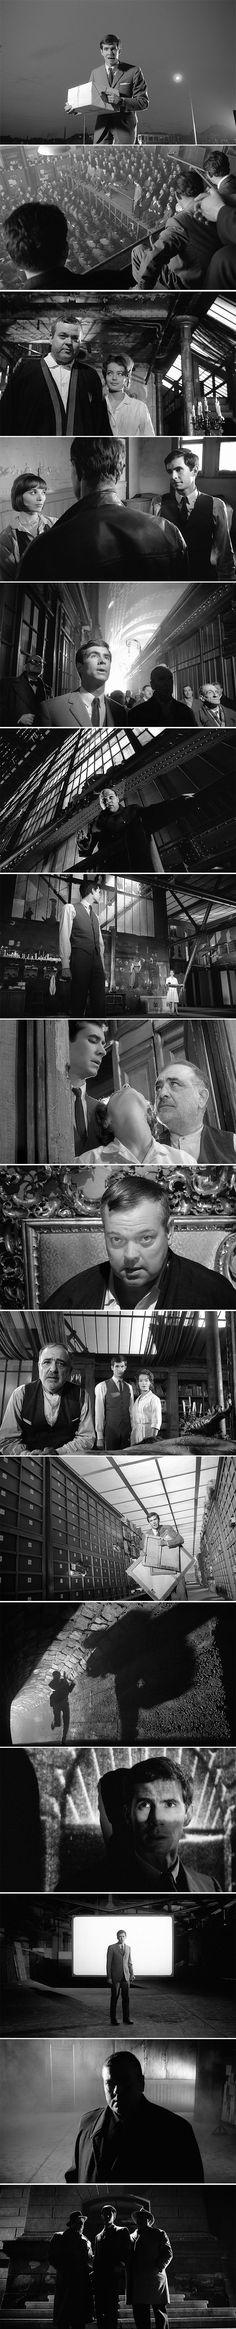 The Trial (1962) Directed by Orson Welles. Cinematography by Edmond Richard. Descubra 25 Filmes que Mudaram a História do Cinema no E-Book Gratuito em http://mundodecinema.com/melhores-filmes-cinema/